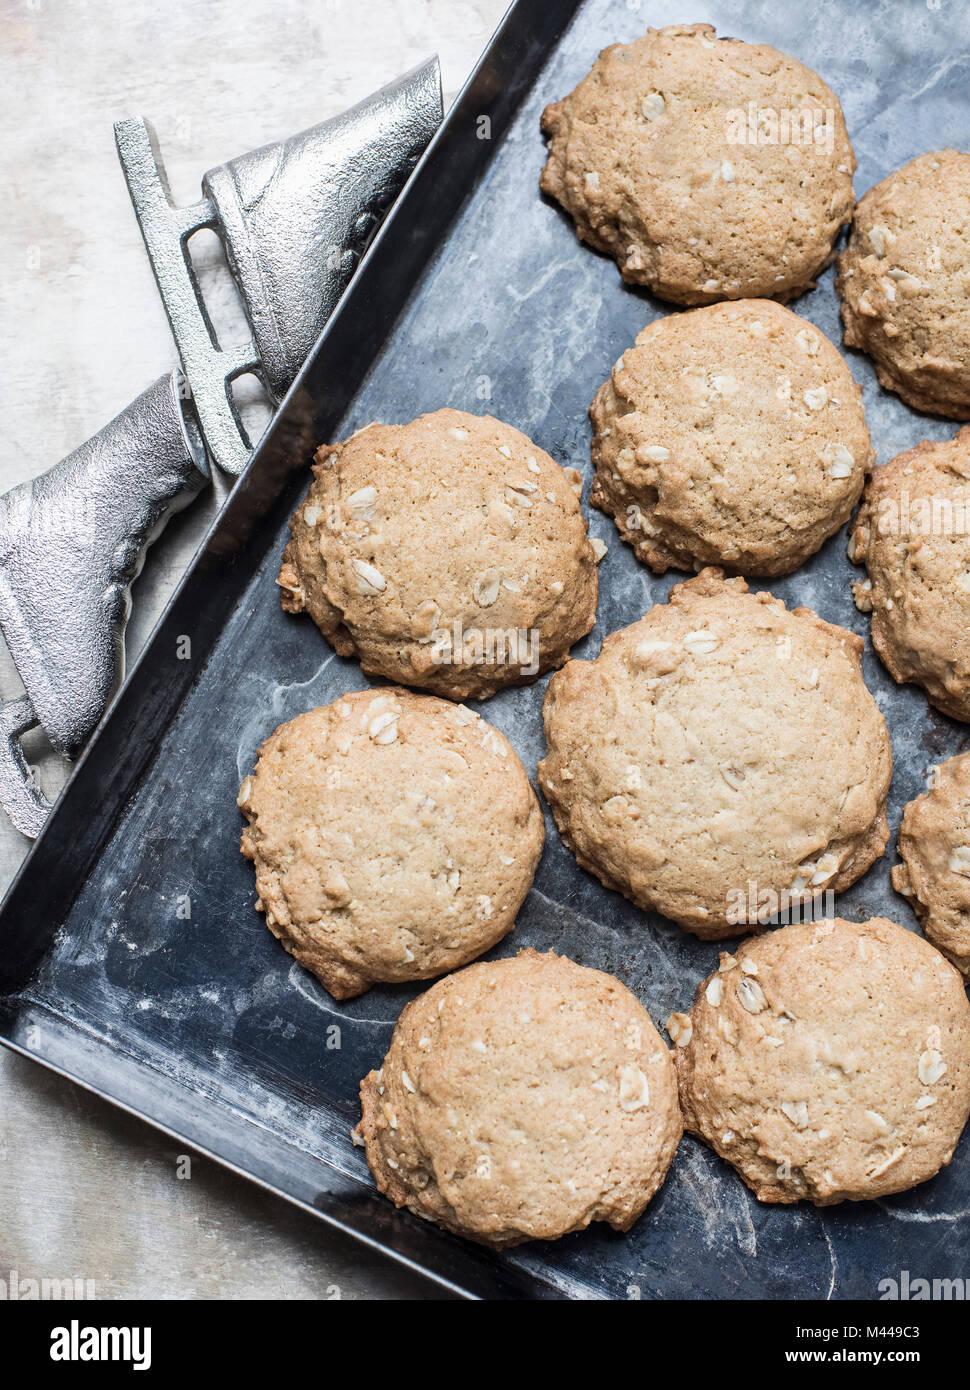 Frisch gebackene oatmeal Cookies auf Backblech Stockbild